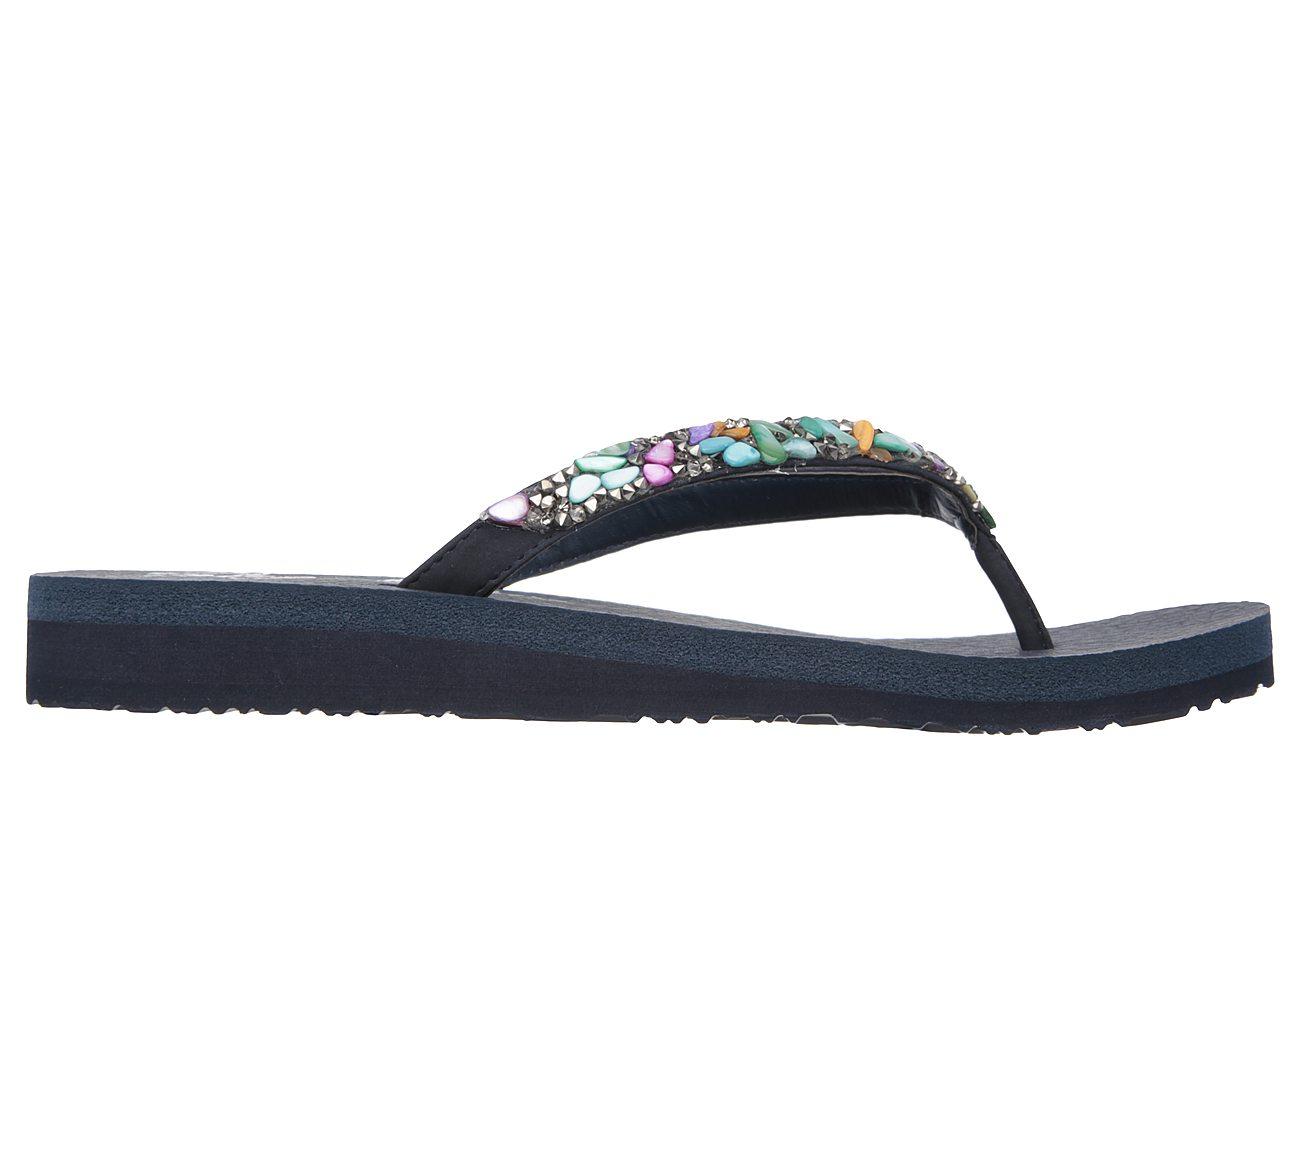 81de759f8b03ca Buy SKECHERS Meditation - Break Water Comfort Sandals Shoes only  38.00